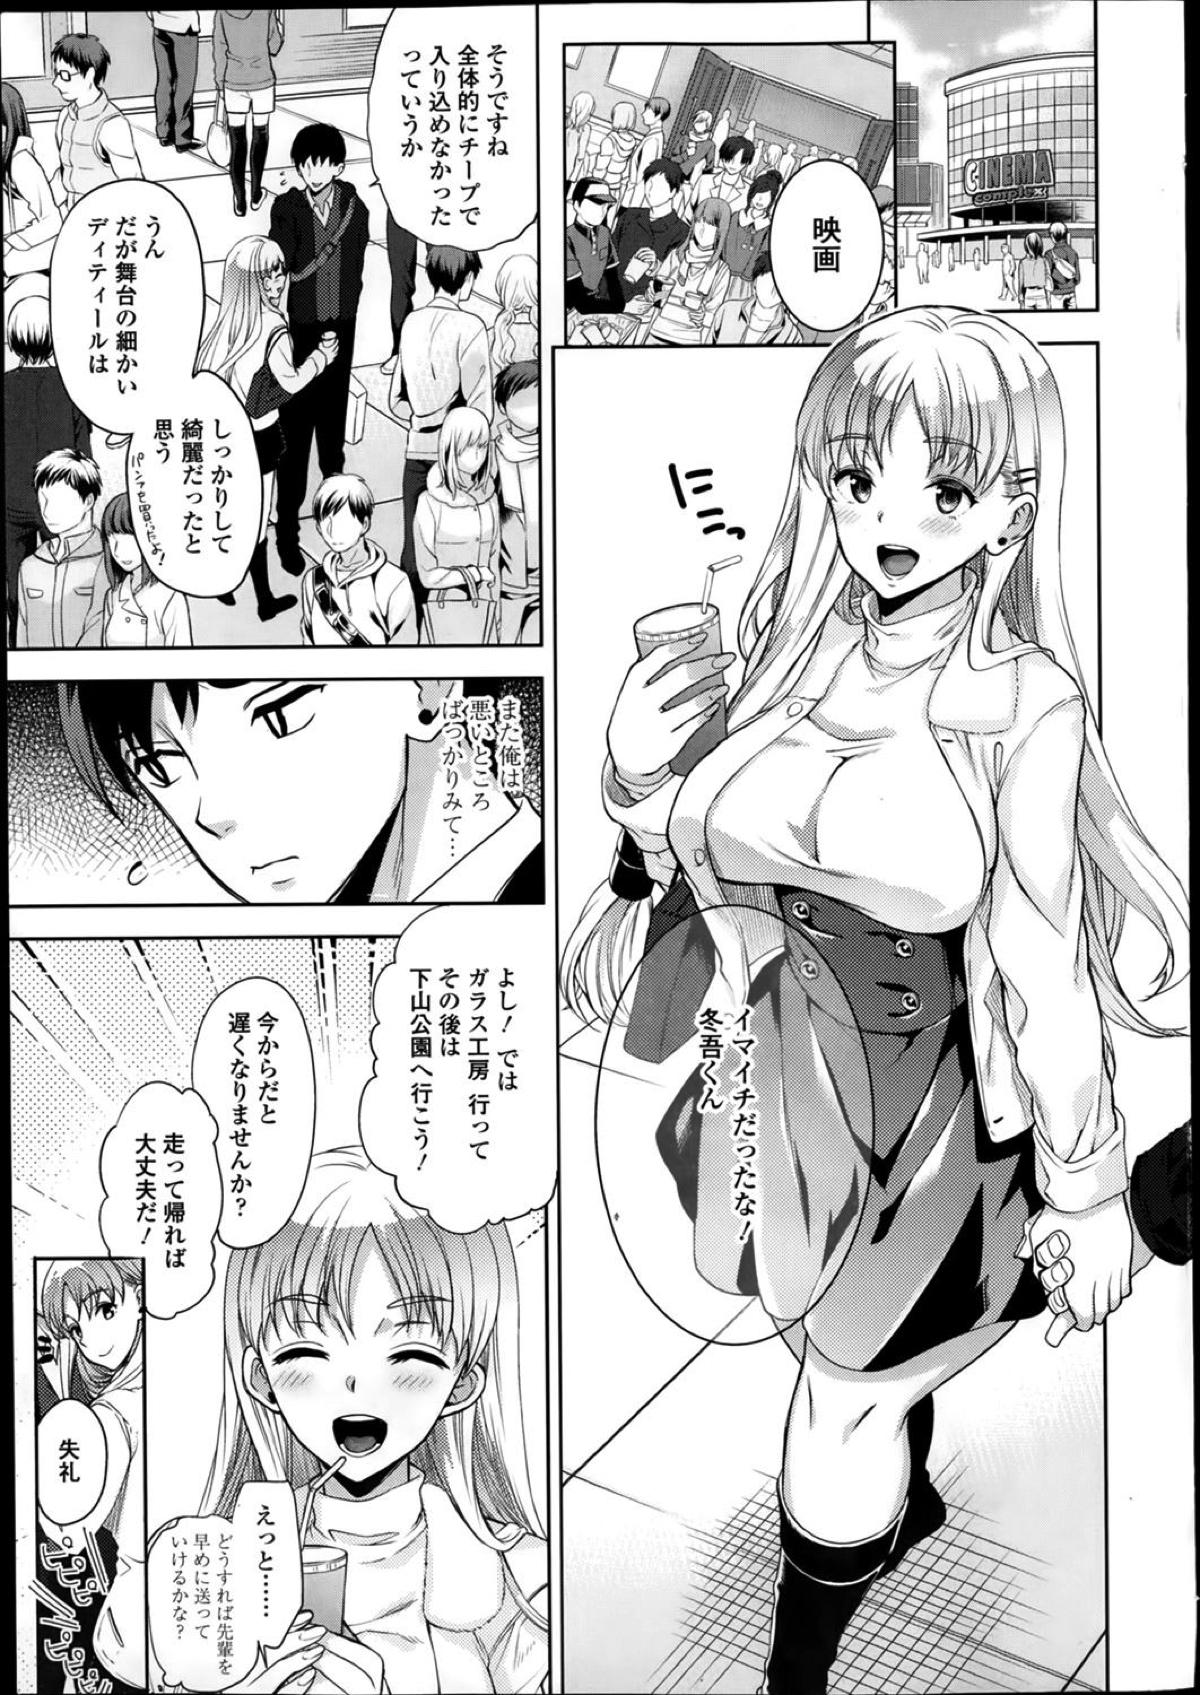 [狼亮輔] カノカレコンプレックス (1)